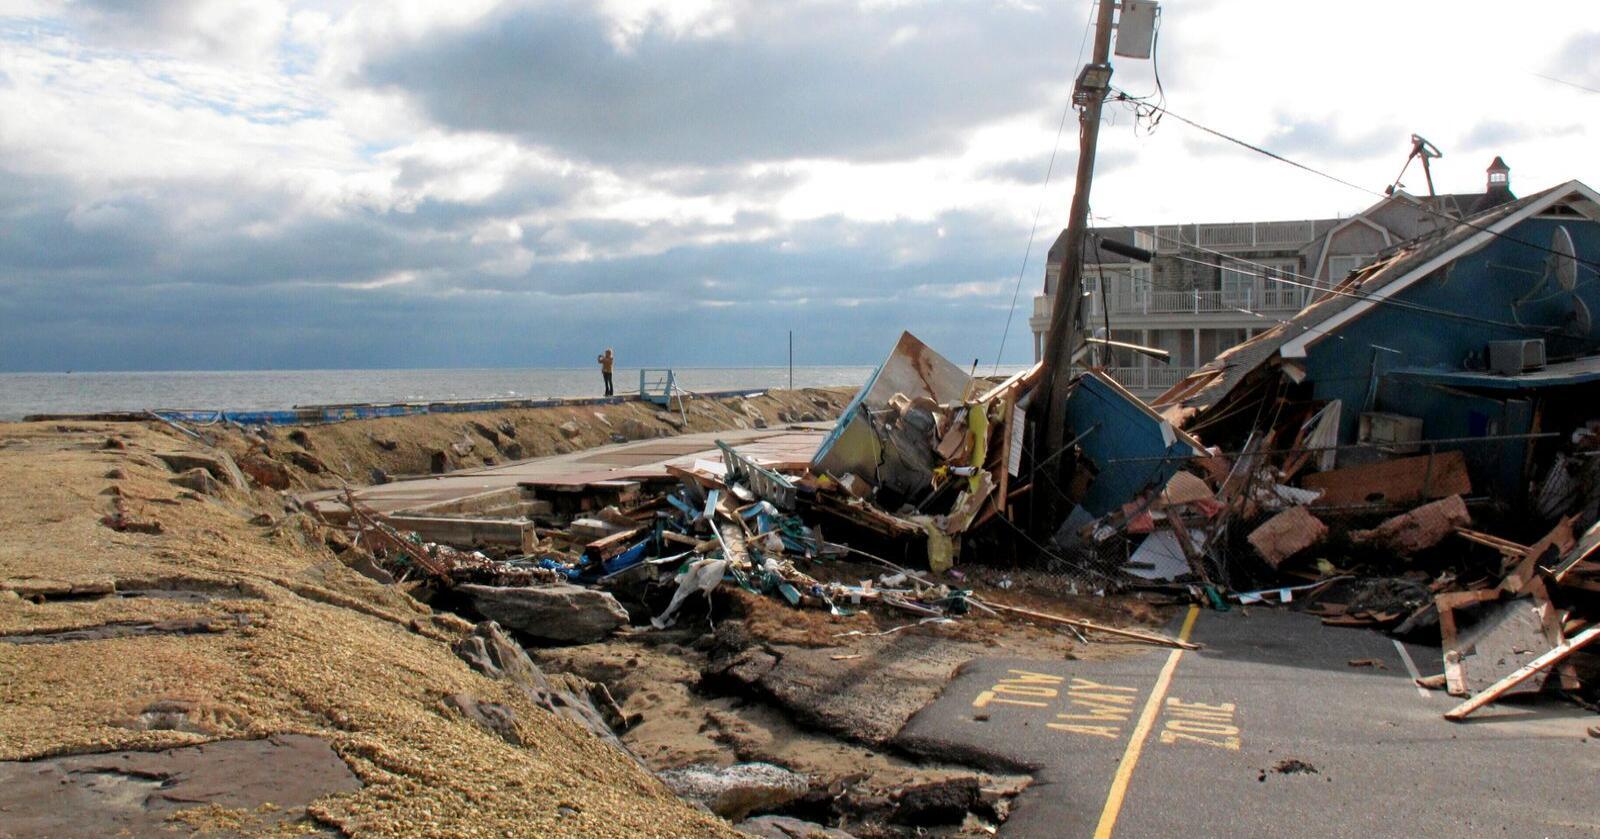 """Ødeleggelsene etter """"Superstorm Sandy"""" i 2012 ble verdsatt til 70 milliarder USD. 233 mennesker mistet livet som følge av orkanens herjinger. Foto: Wayne Parry / AP / NTB"""